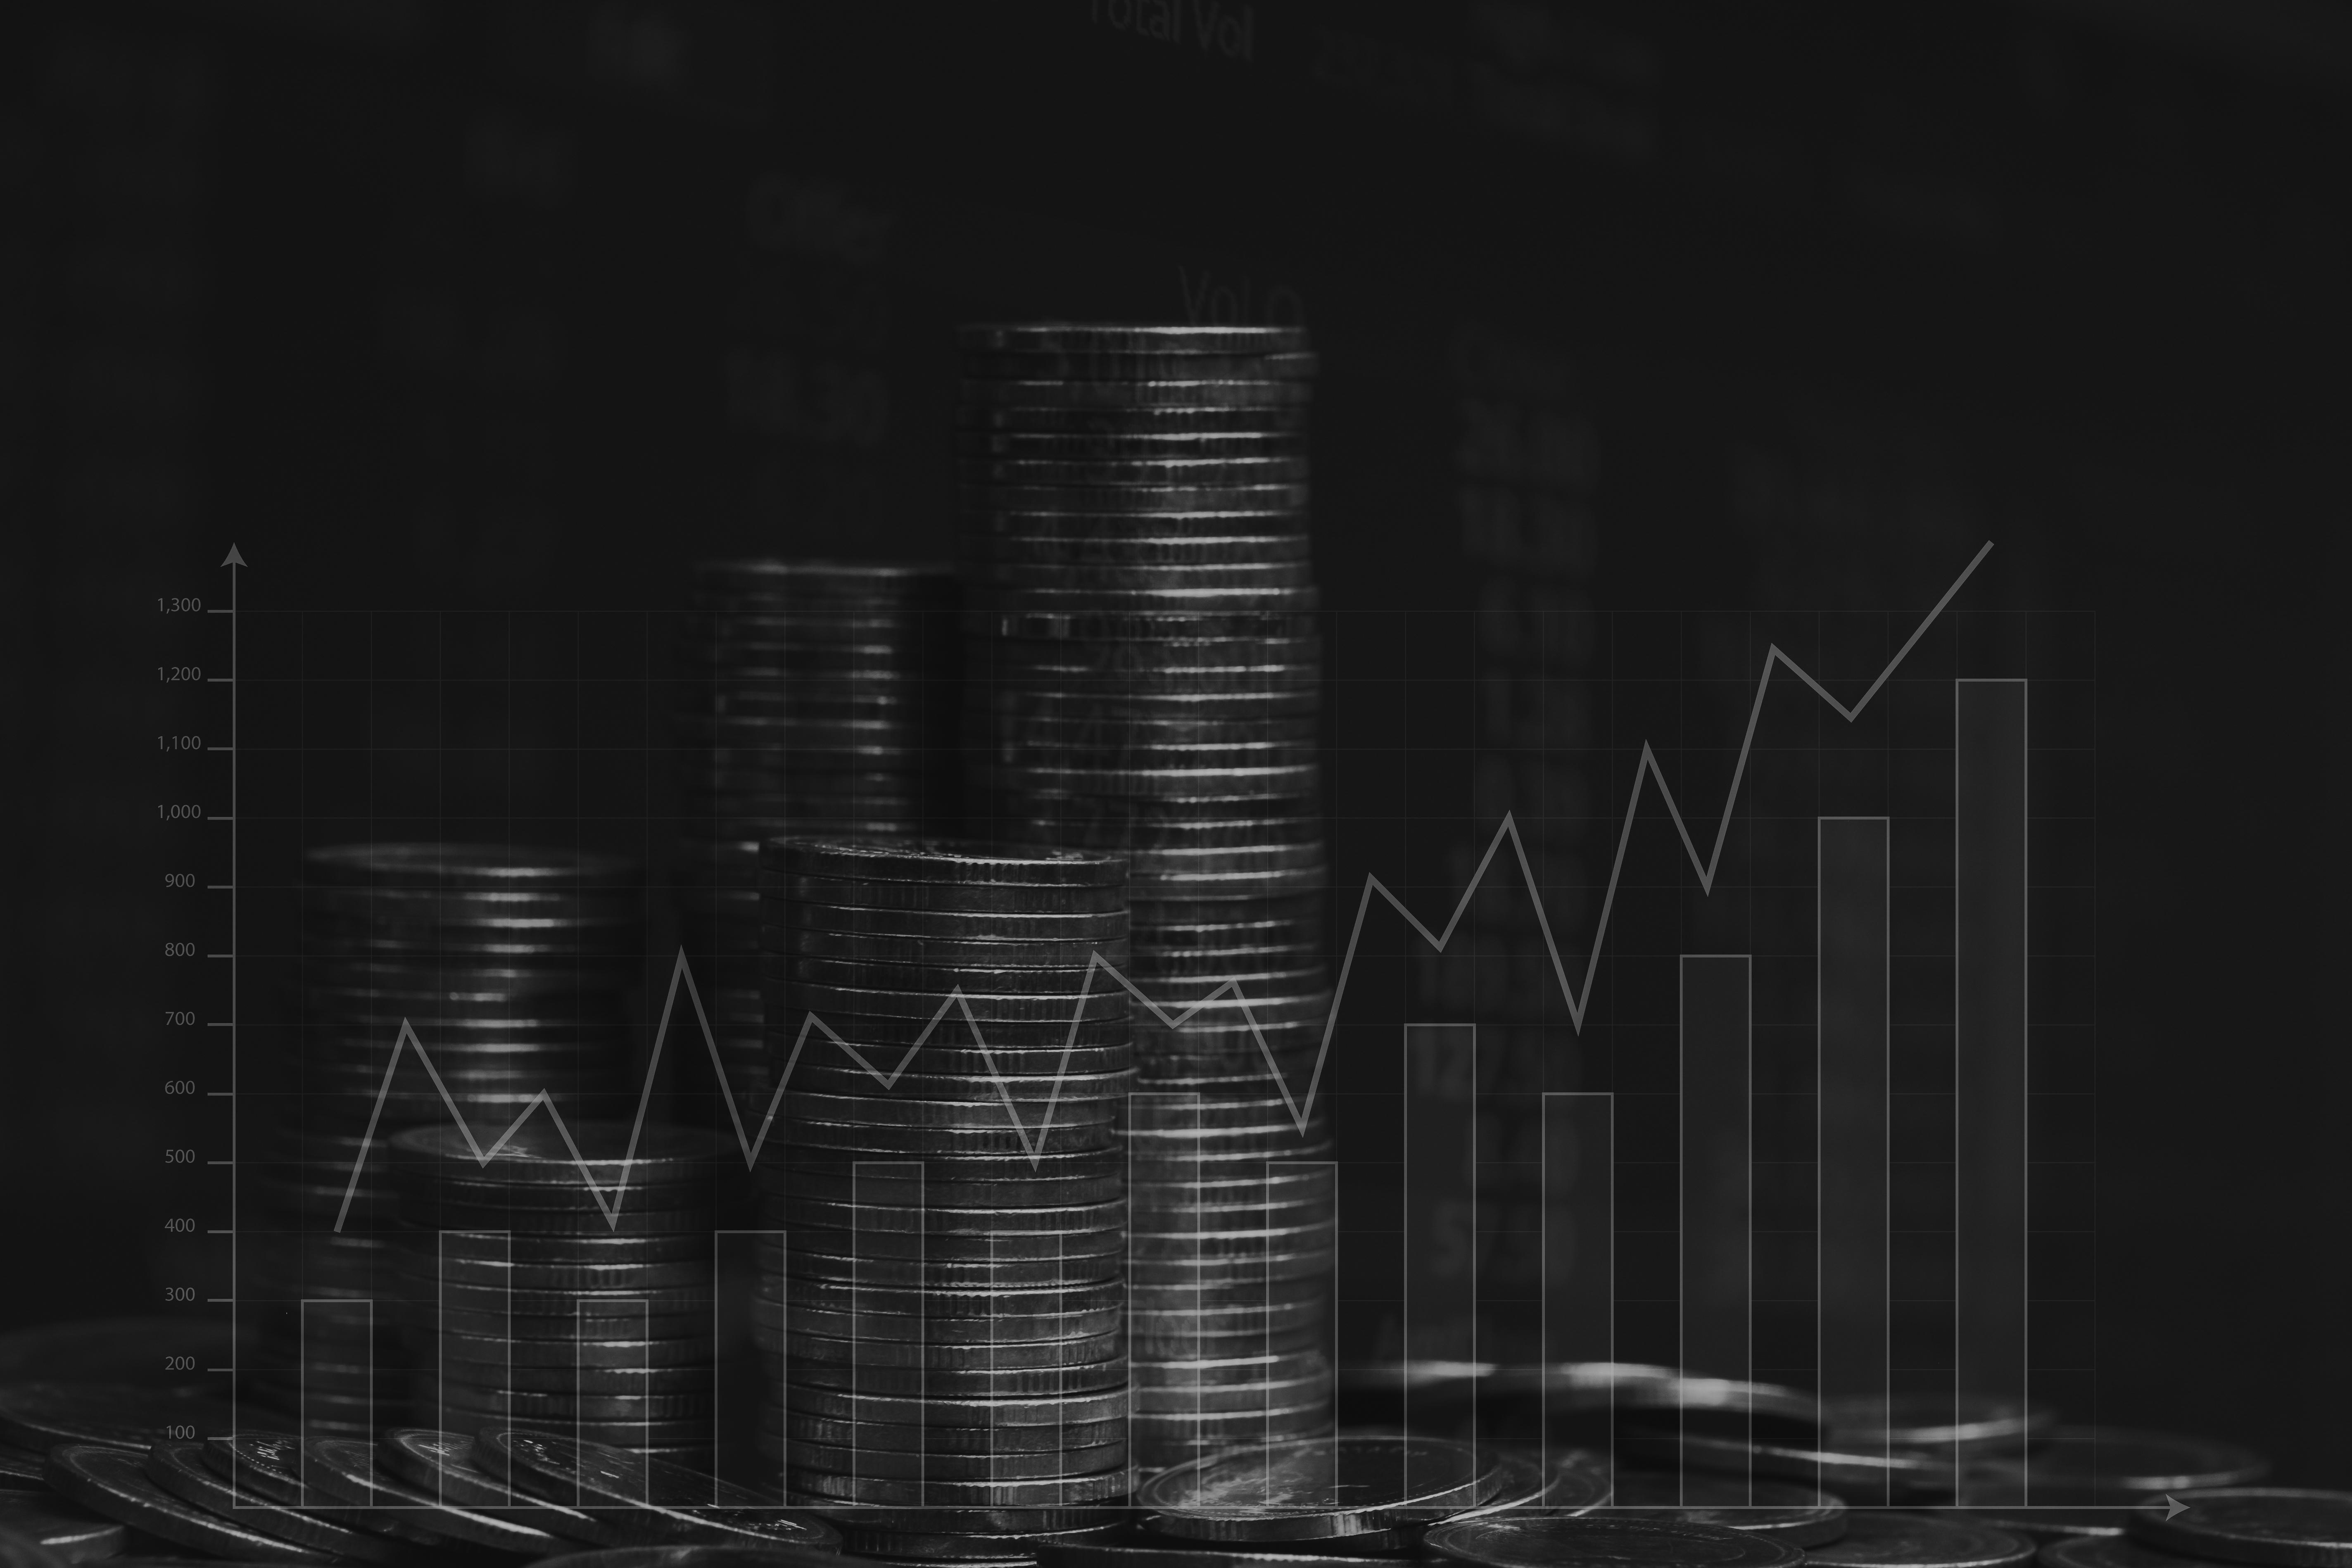 Dar vienas būdas išjudinti Lietuvos kapitalo rinką